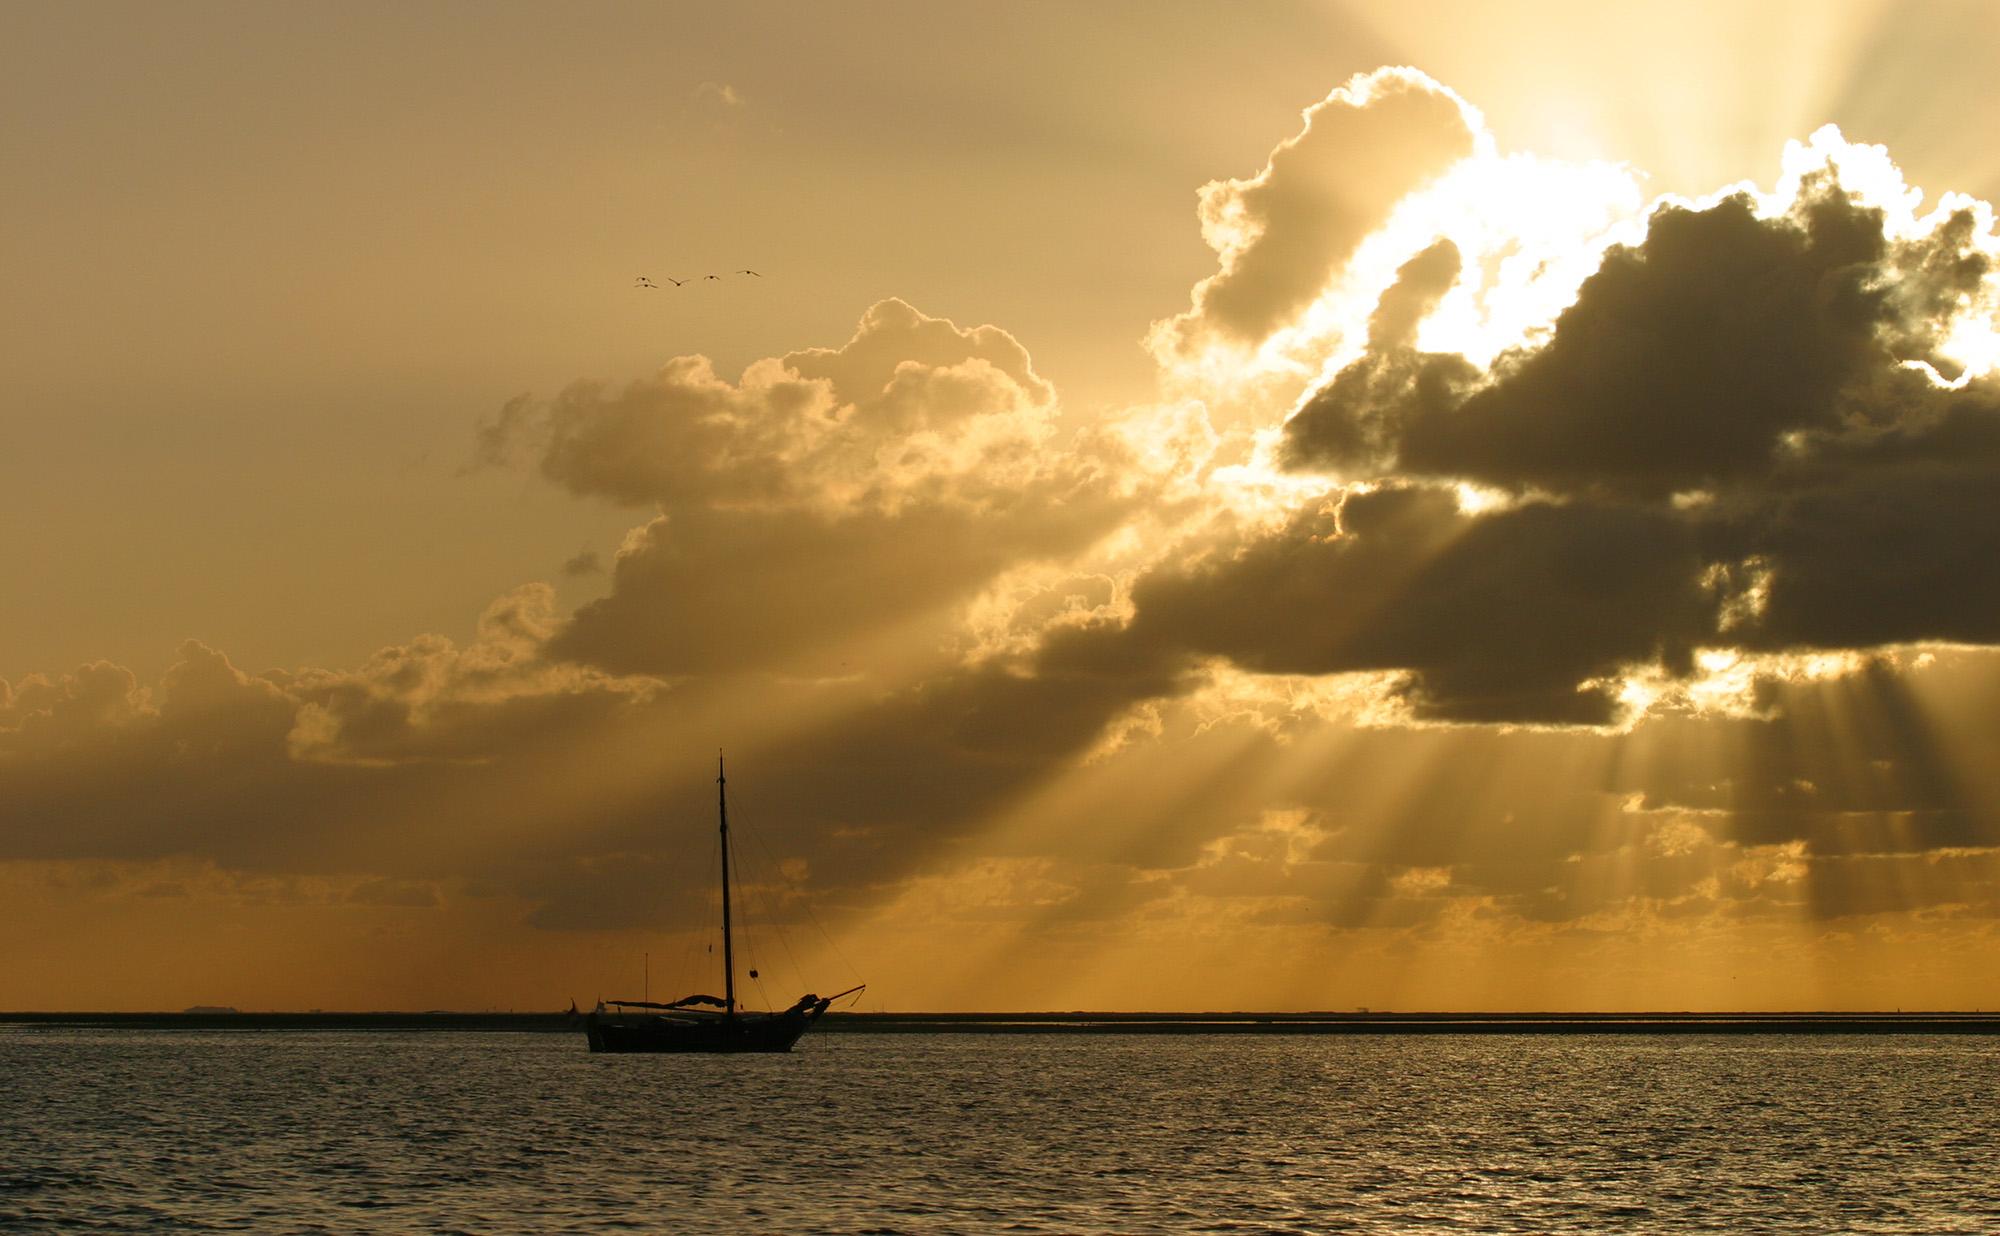 foto van een zeilboot op water met wolkenlucht waar zon doorheen schijnt